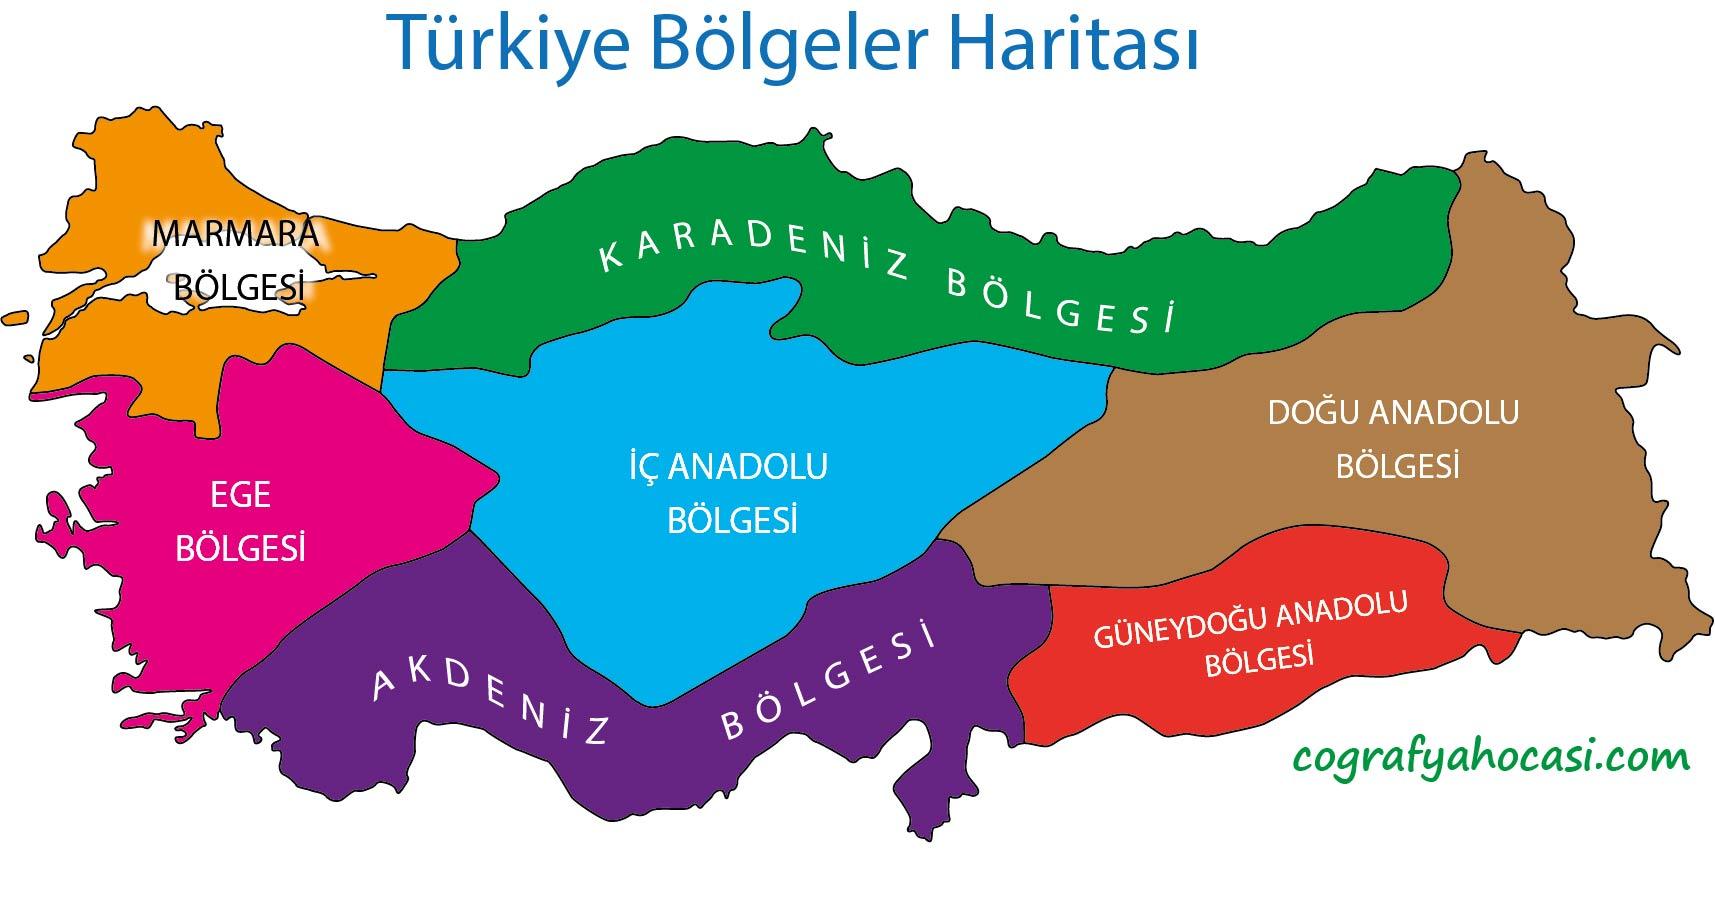 Türkiye Bölgeler Haritası (Renkli)